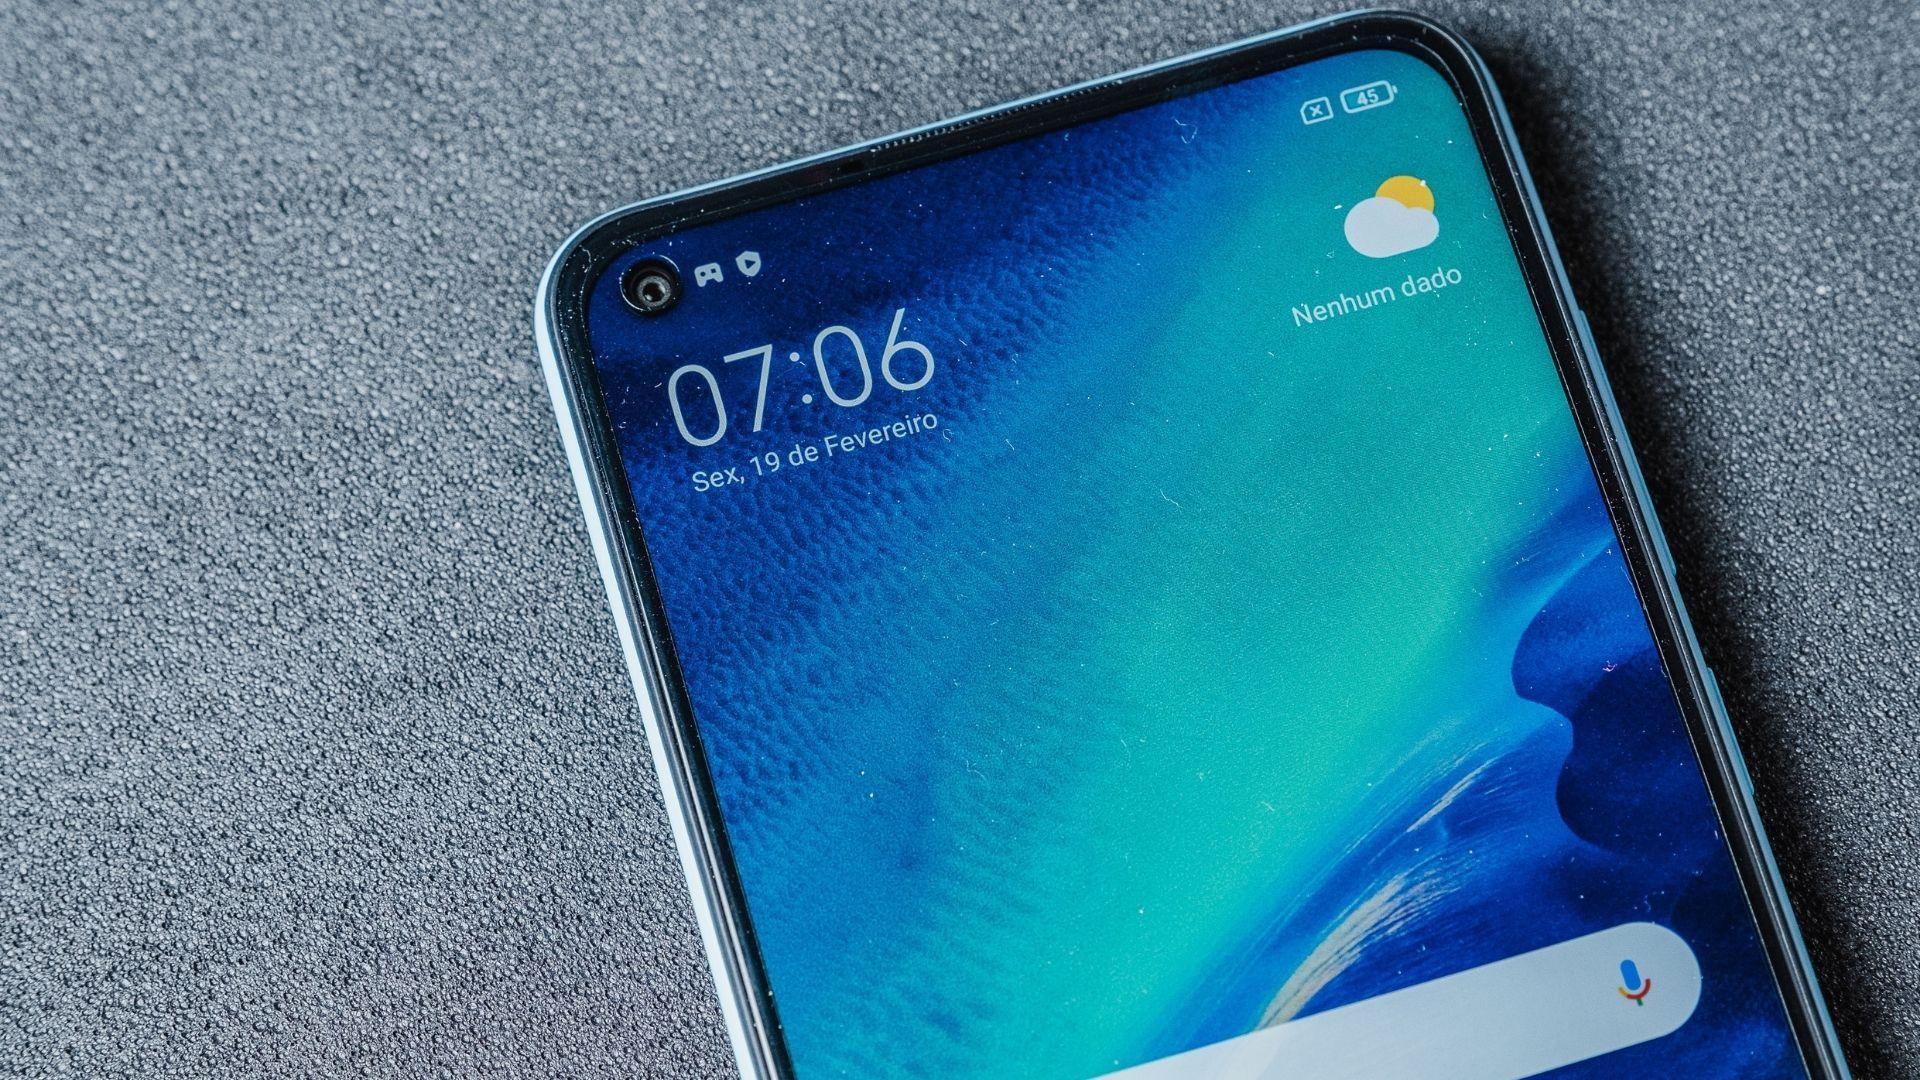 Redmi Note 9 é um celular intermediário com boas especificações, mas trouxe poucas novidades (Foto: Zoom)